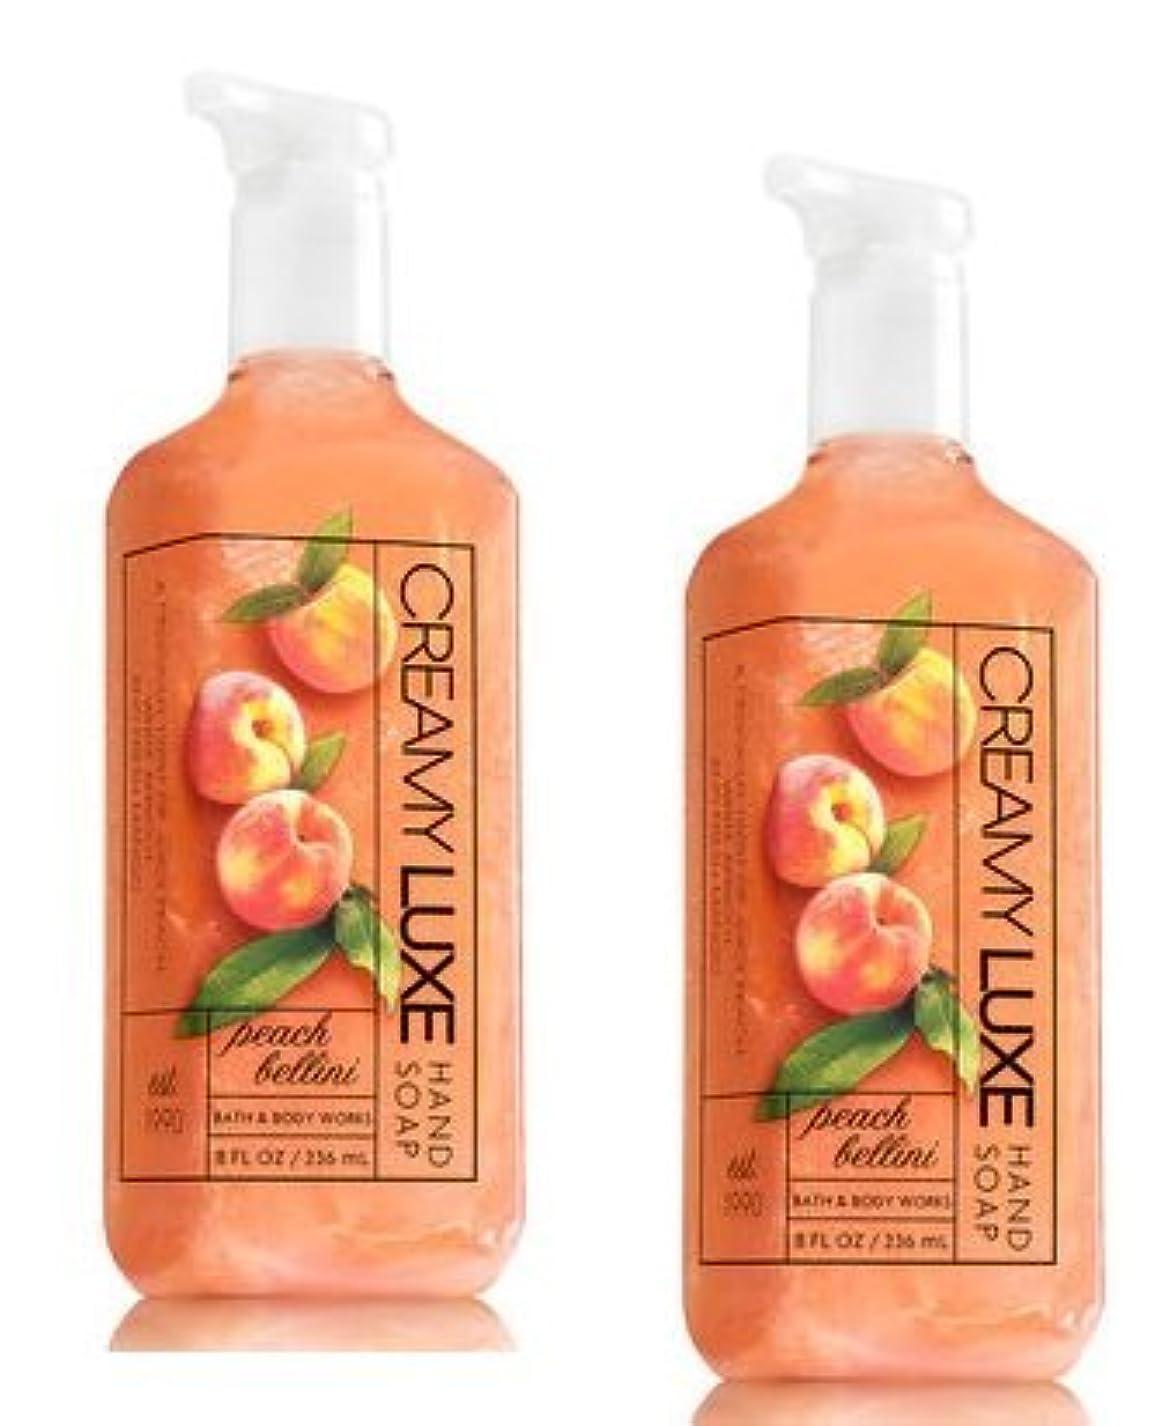 折る冷ややかなアンペアBath & Body Works ピーチベリーニ クリーミー リュクス ハンドソープ 2本セット PEACH BELLINI Creamy Luxe Hand Soap. 8 oz 236ml [並行輸入品]